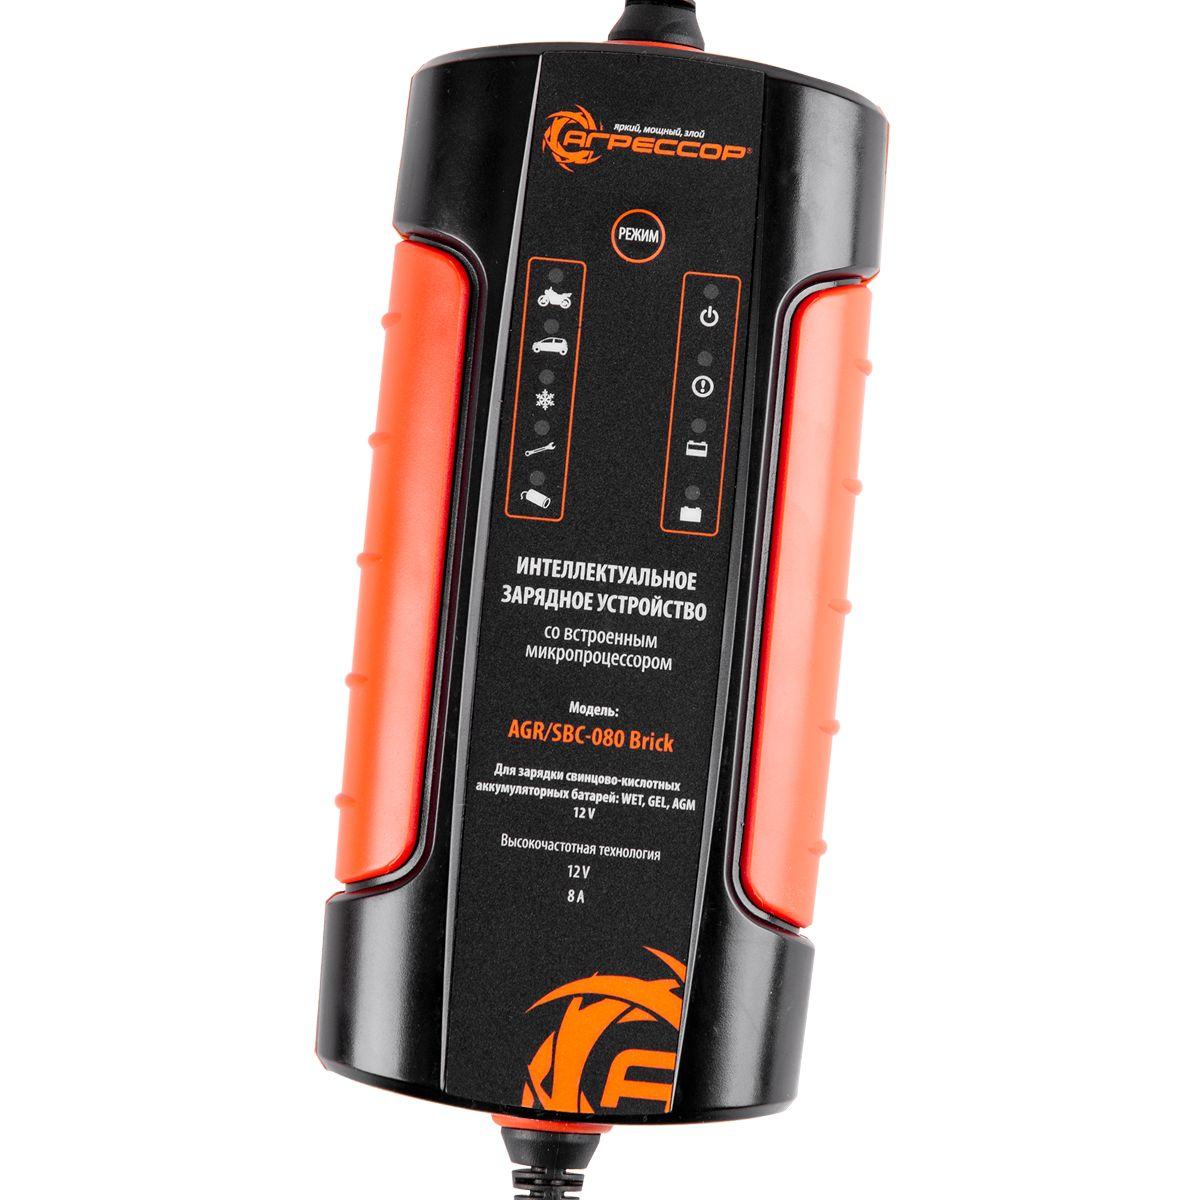 Устройство зарядное цифровое Autoprofi Агрессор, 9 фаз зарядки, ток зарядки 8 АAGR/SBC-080 BrickВысокочастотное зарядное устройство Autoprofi Агрессор подходит для всех типов аккумуляторных батарей – встроенный микропроцессор позволяет установить для каждого типа свой режим. Компактное зарядное устройство имеет девять ступеней зарядки, за счет этого полностью разряженную батарею можно зарядить до 100% от первоначальной емкости. Кроме того, устройство автоматически очищает клеммы от сульфатов, которые остаются на них в процессе электролиза и заряжает потекшие батареи. Рабочие характеристики не снижаются при низких температурах. Устройство может сколь угодно долго оставаться подключенным к аккумулятору, поддерживая требуемый заряд. Оно снащено защитой от короткого замыкания и образования искр. Зарядное устройство имеет три вида контактных клемм: зажимы, разъем для подключения к прикуривателю и кольцо (петелька). Напряжение: AC 220-240В, 50-60 Гц. Номинальная сила тока: 0,65 А. Ток зарядки: 12В/2 А, 8 А.